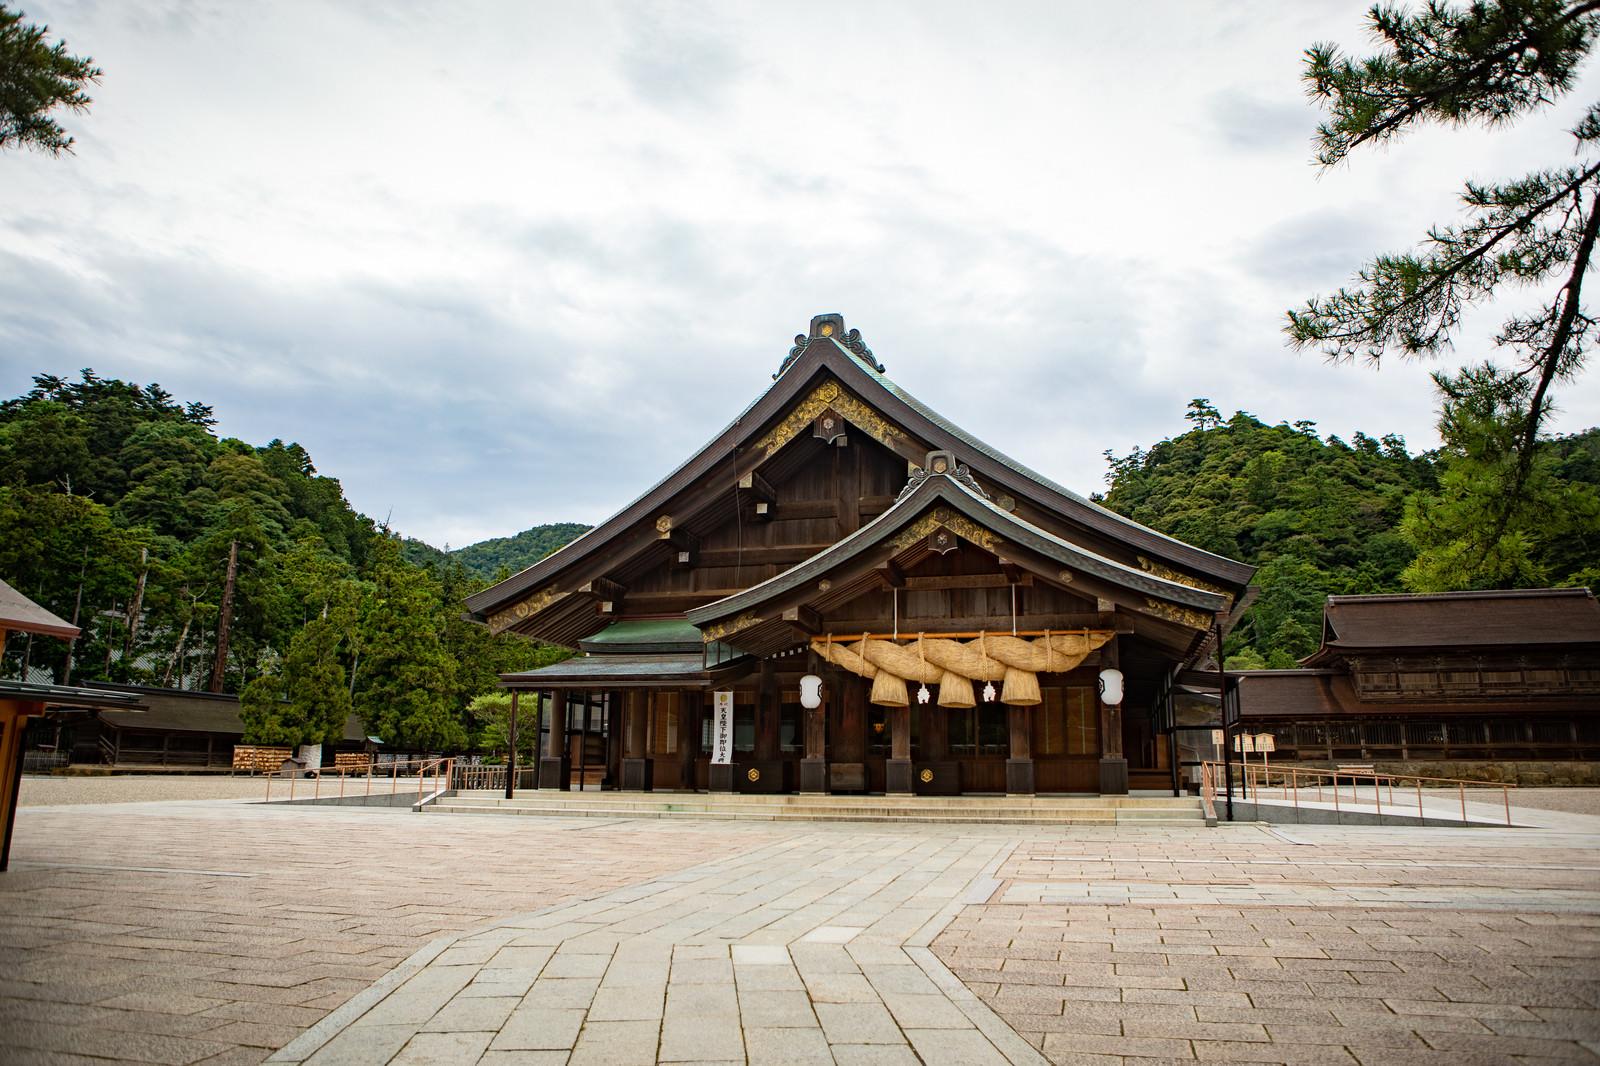 「出雲大社の神楽殿の様子」の写真